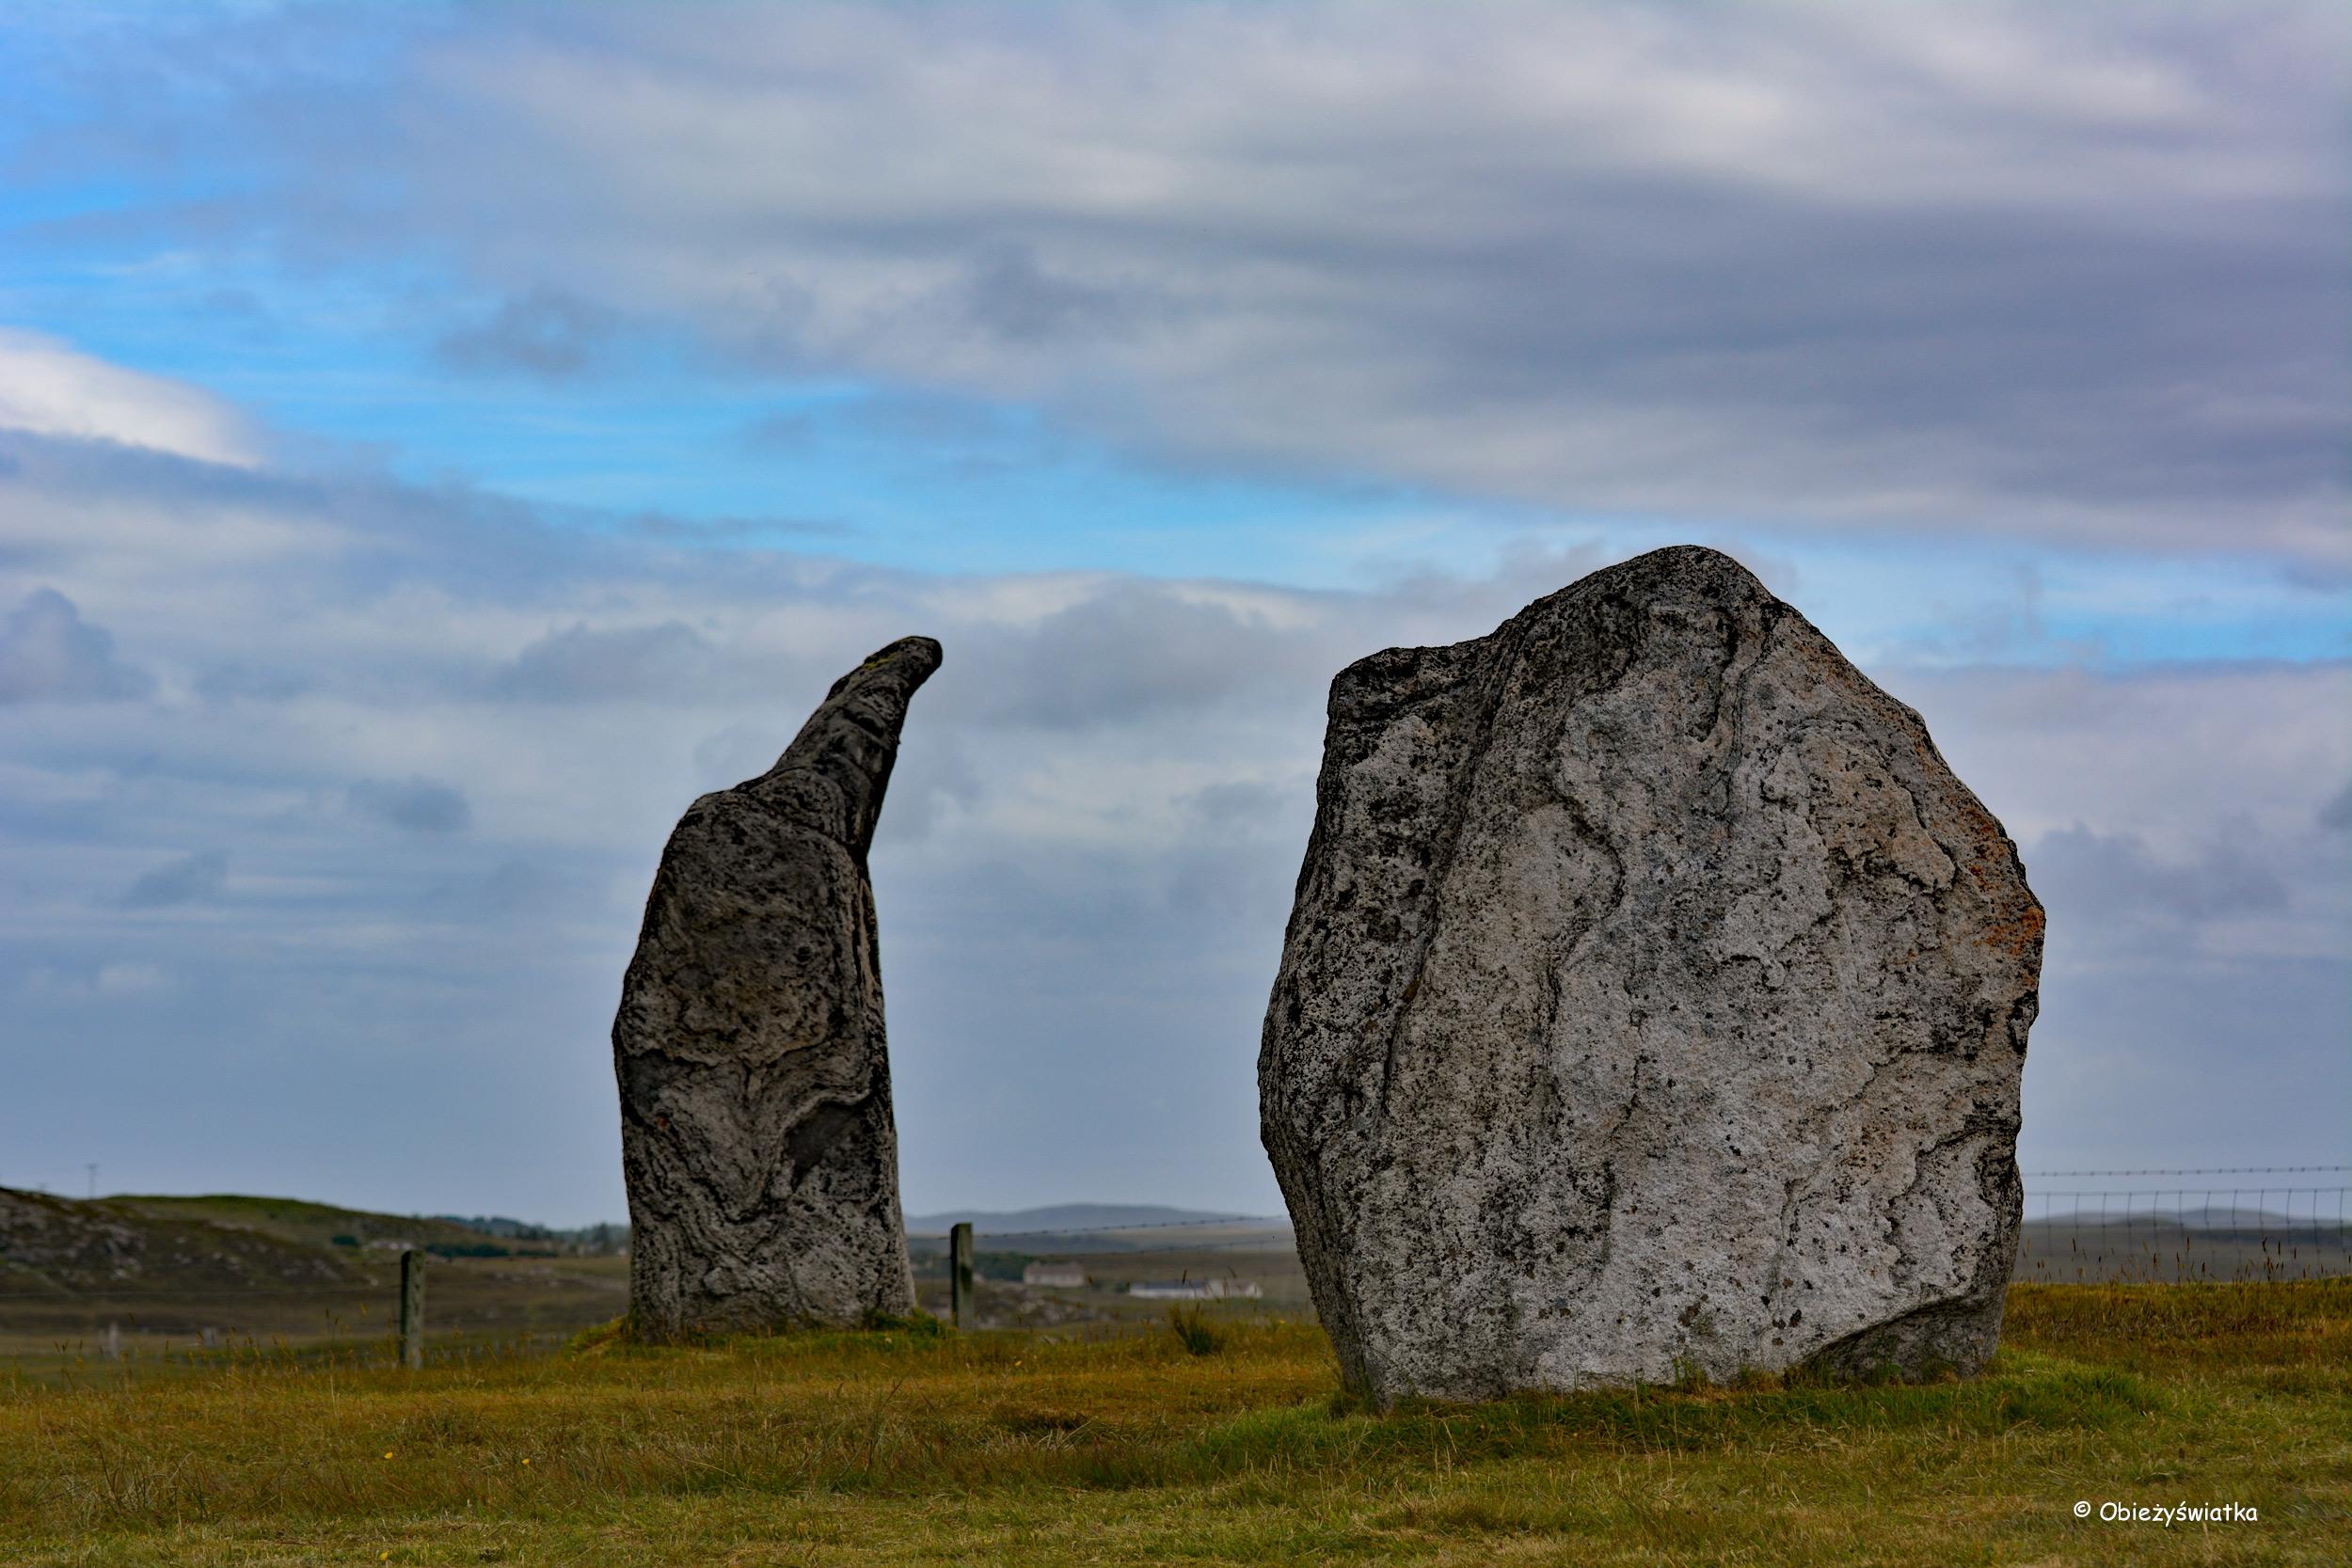 Jak megalit z megalitem.... - Callanish/Calanais, Lewis and Harris